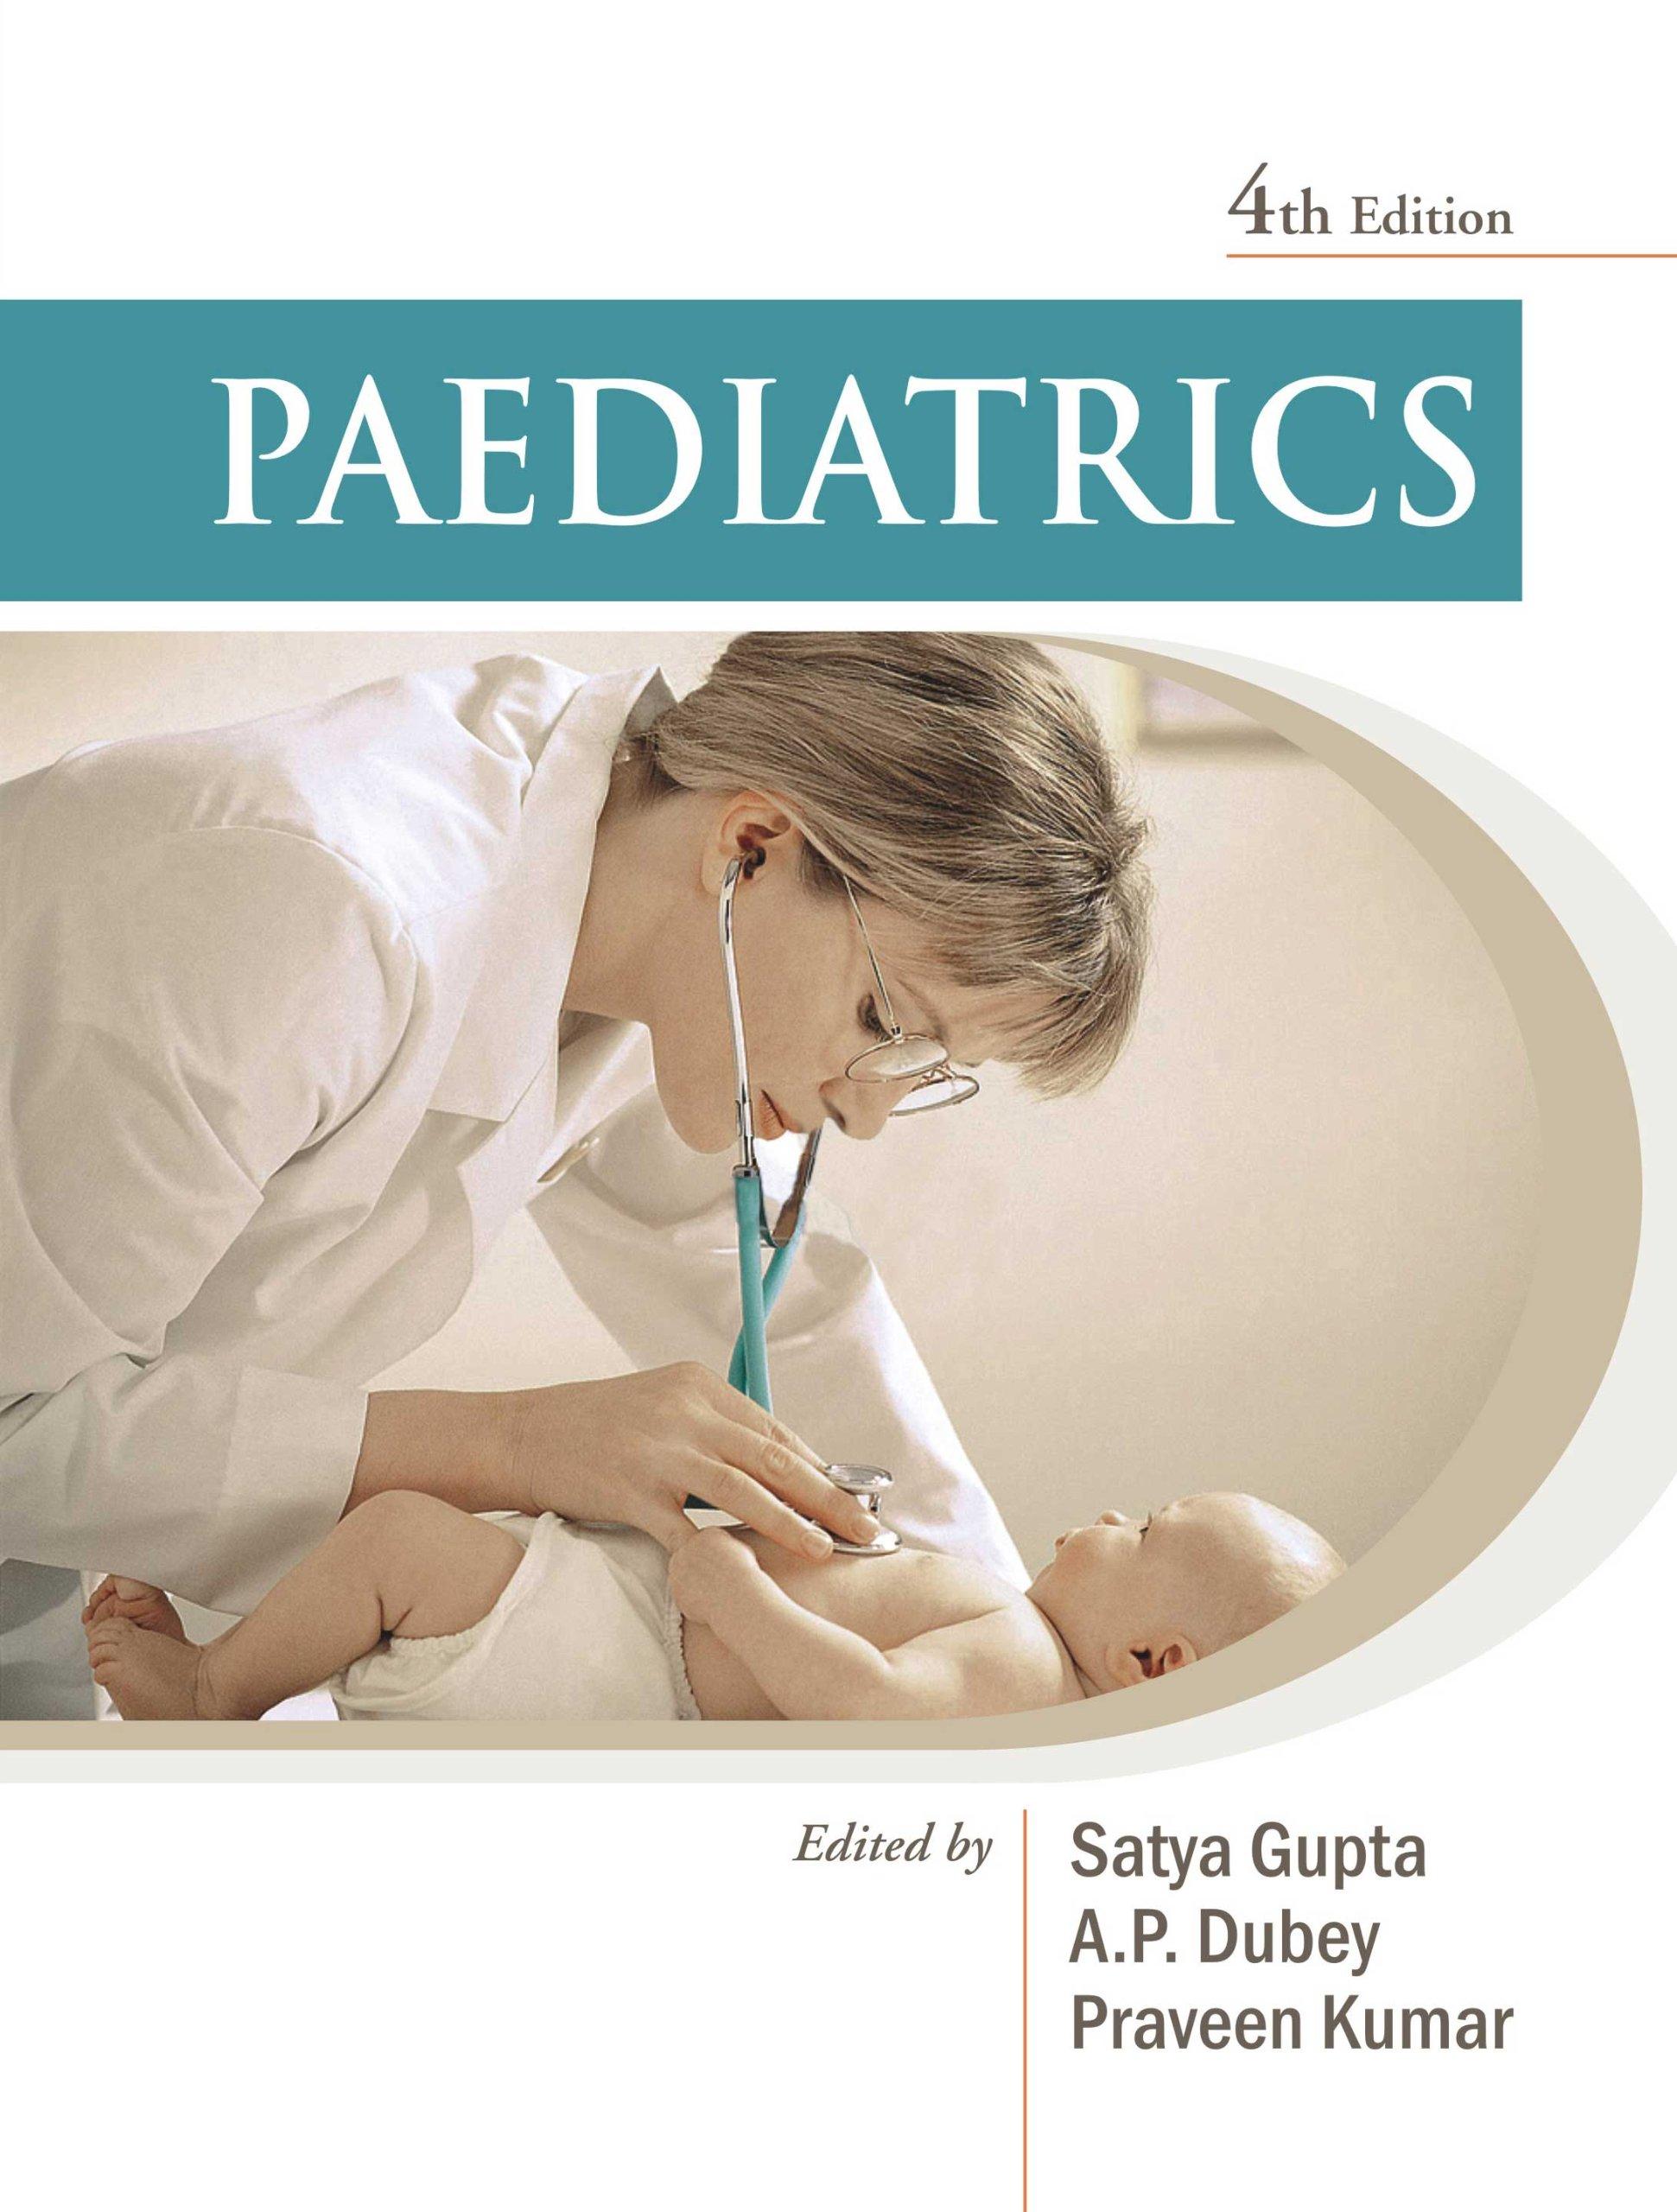 Paediatrics, Vol. 1, 4th Ed. ePub fb2 book